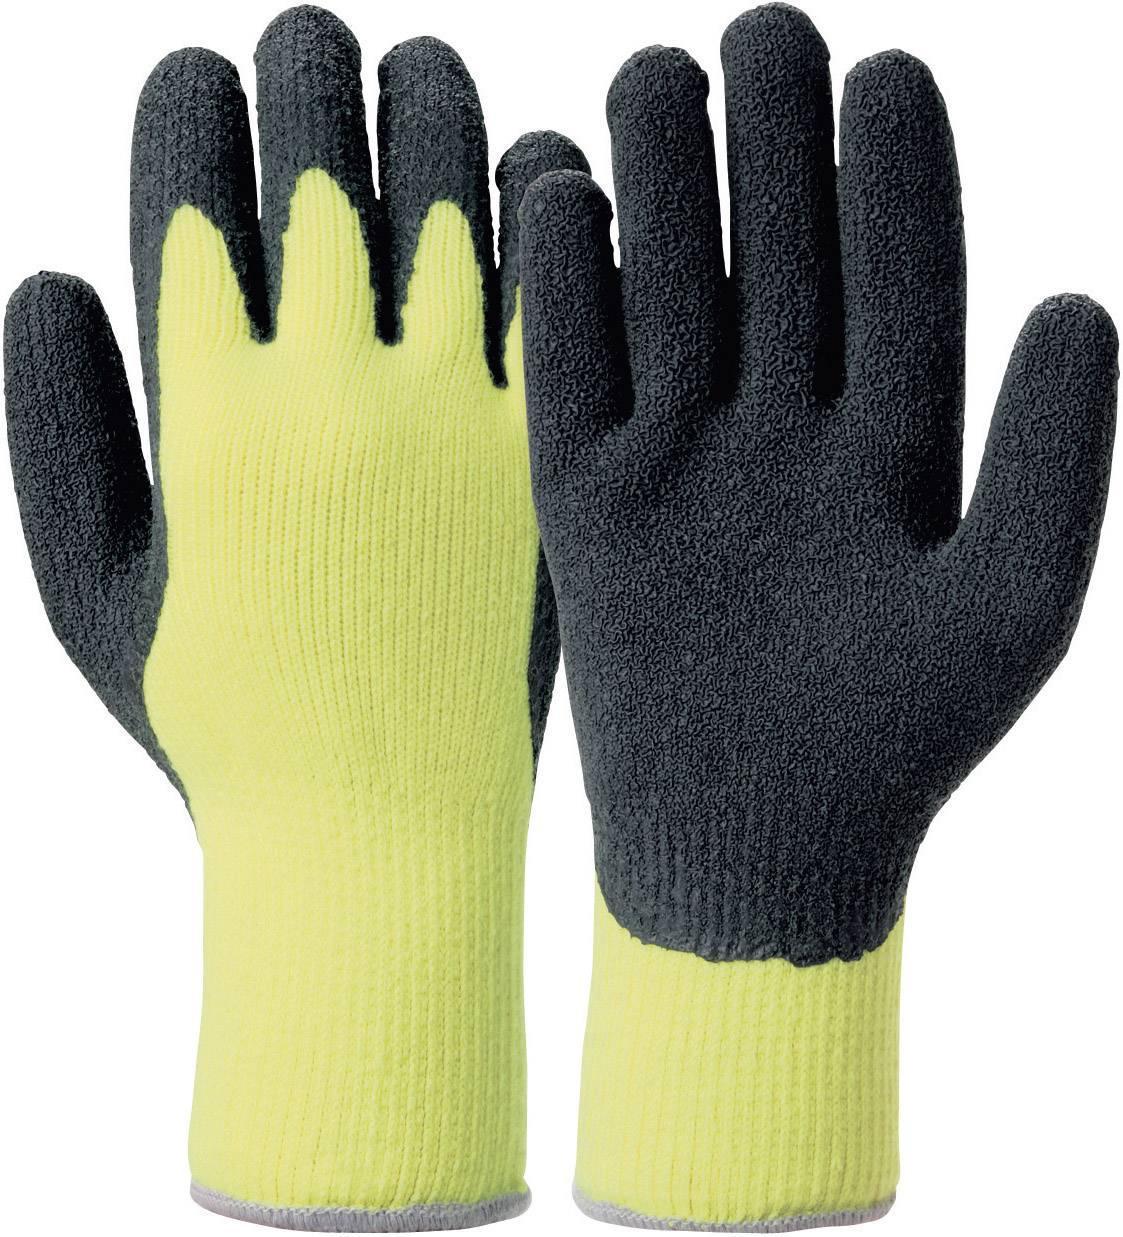 Pracovné rukavice KCL StoneGrip 692 692, velikost rukavic: 10, XL